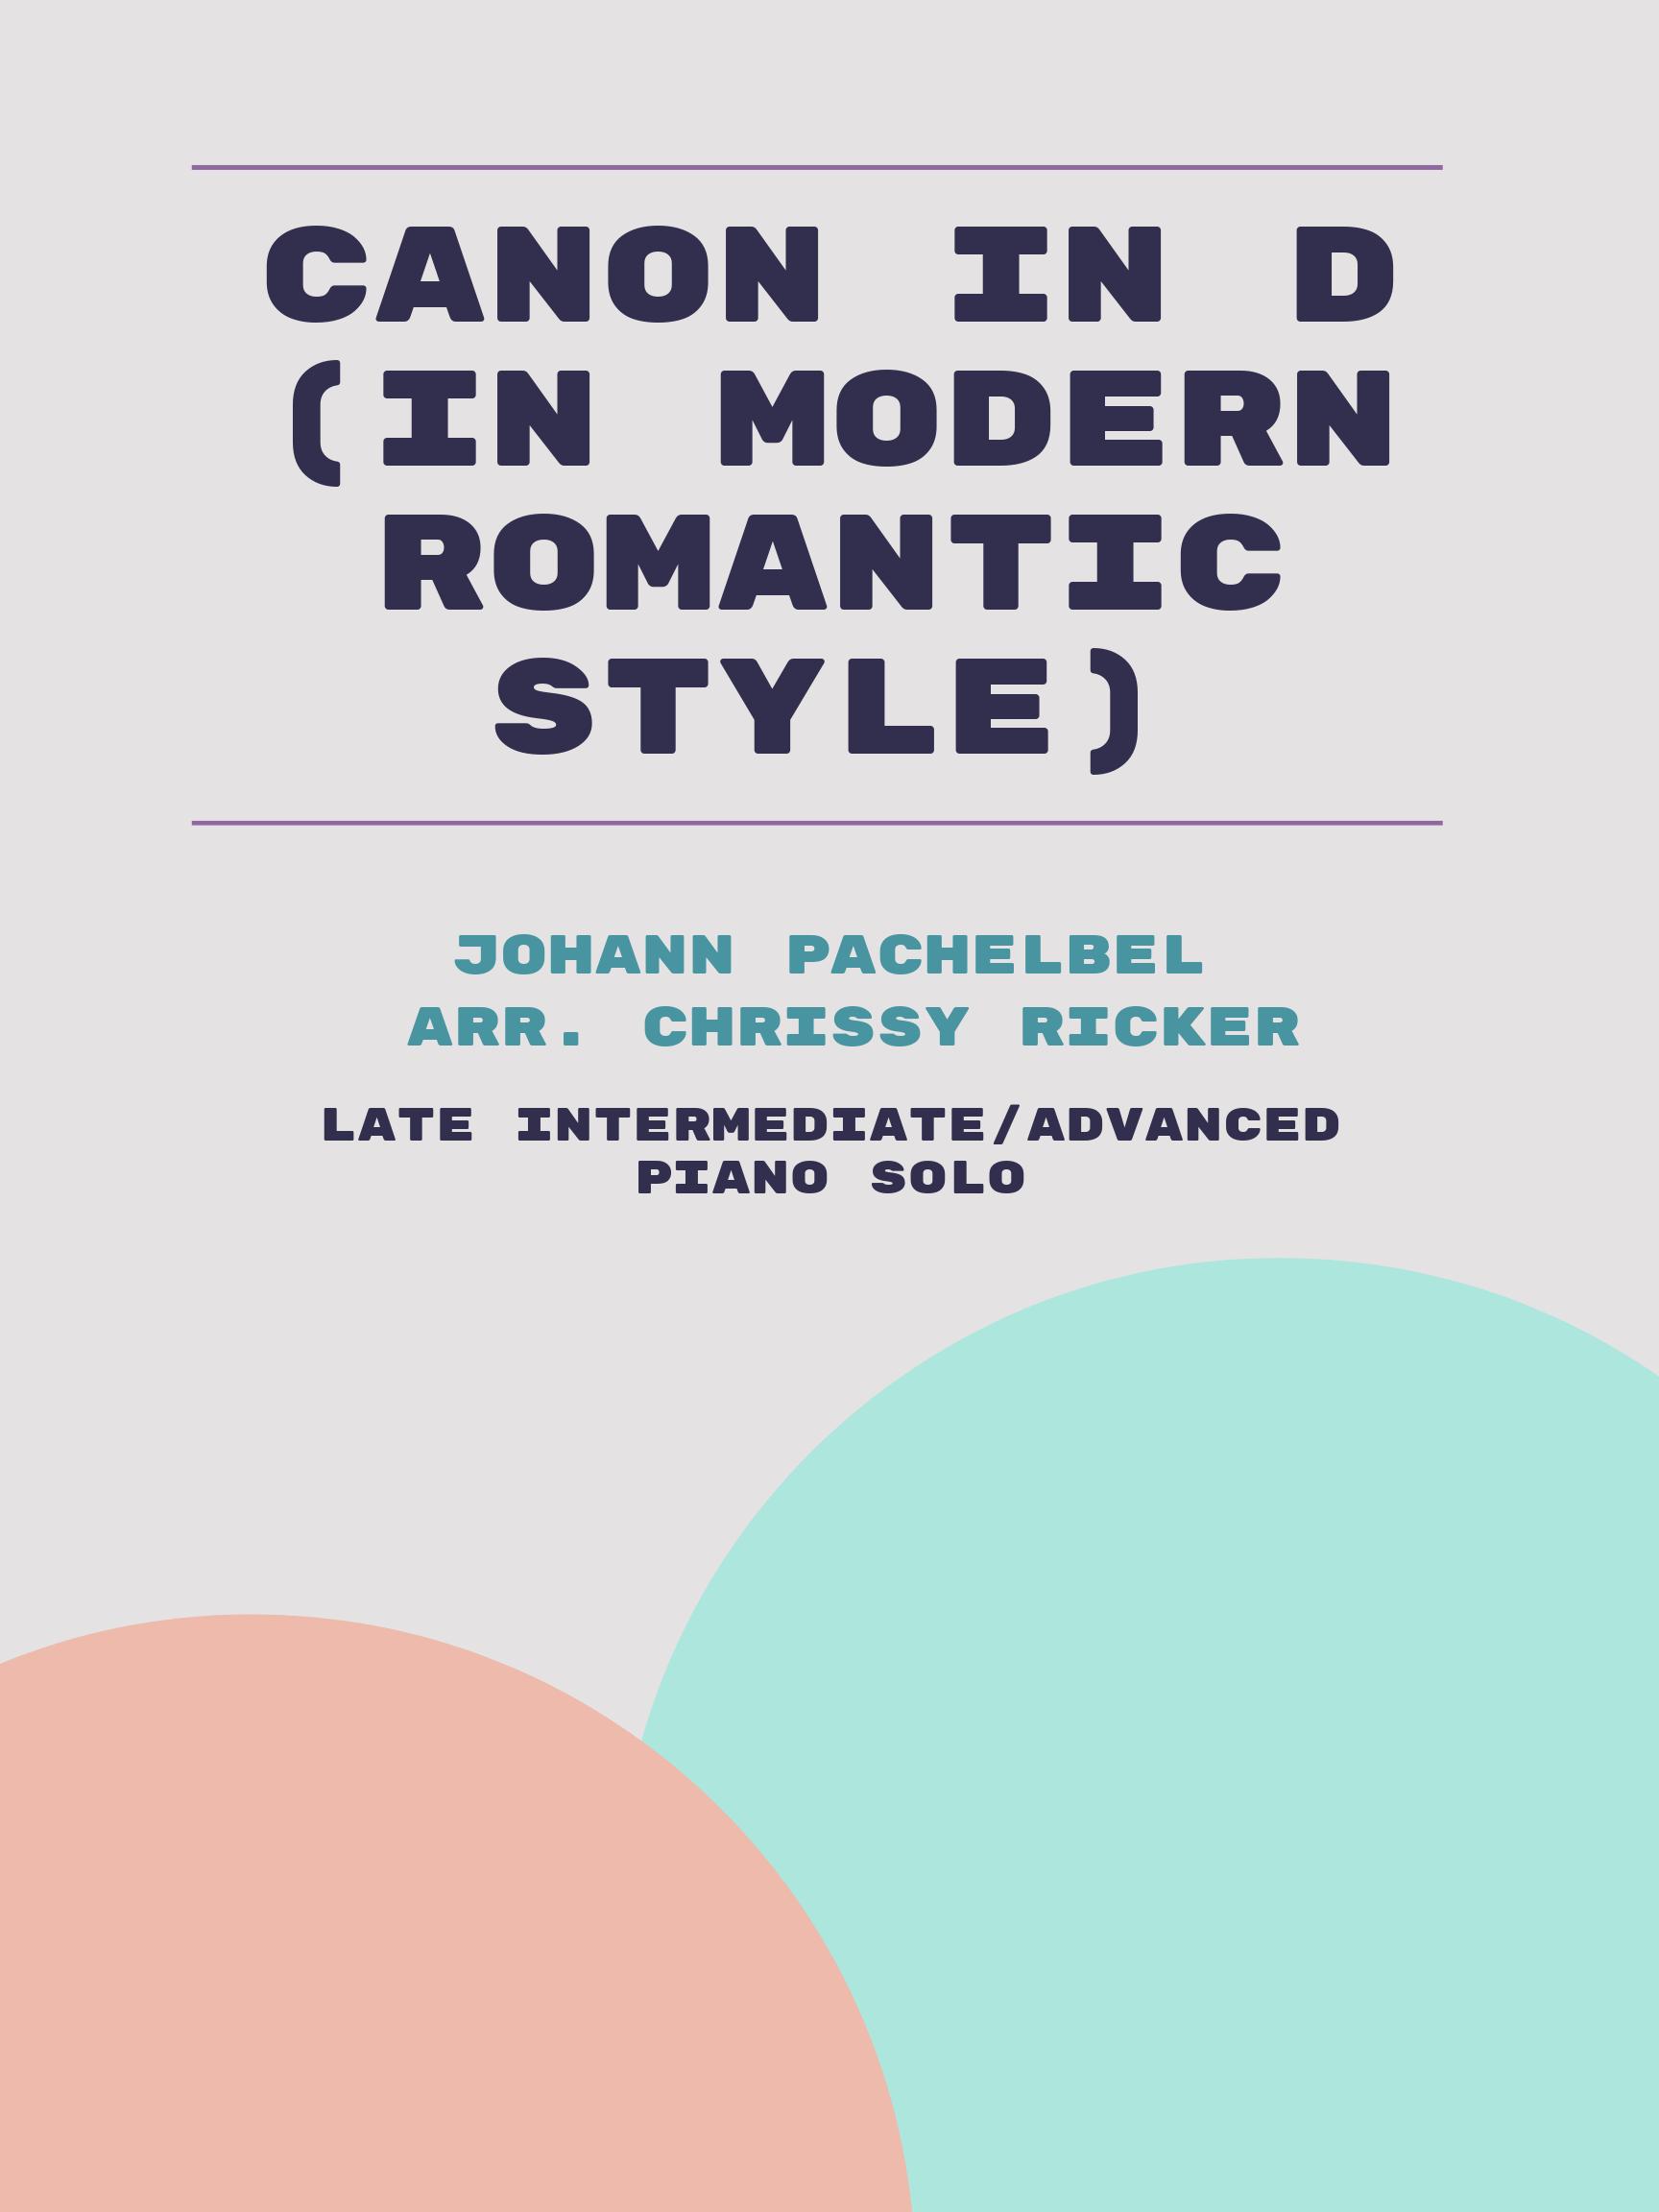 Canon in D (in modern Romantic style) by Johann Pachelbel